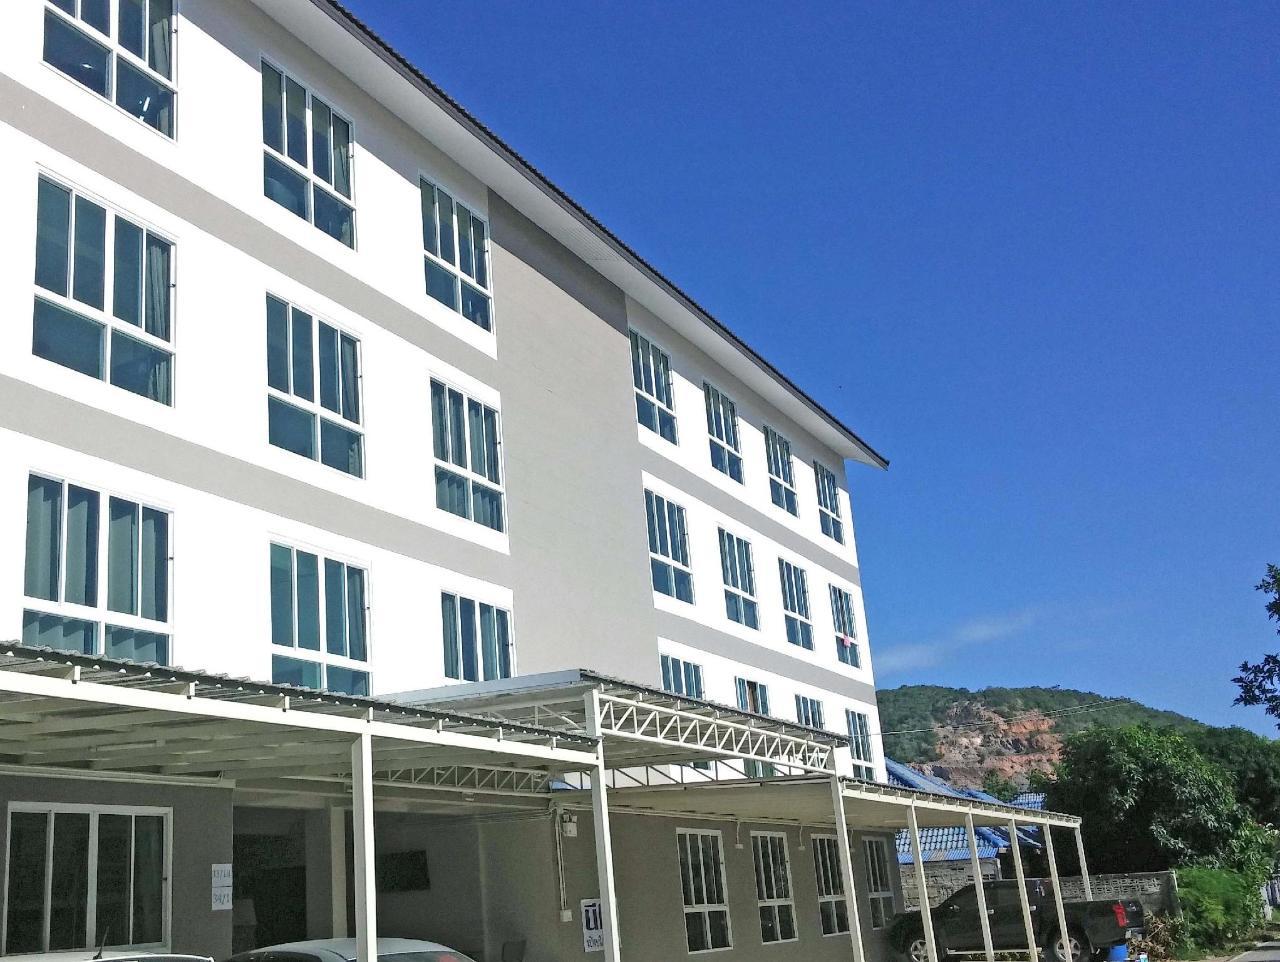 นีโอ กม.10 โฮเต็ล แอนด์ เซอร์วิส อพาร์ตเมนต์ (NEO KM.10 Hotel & Serviced Apartment)